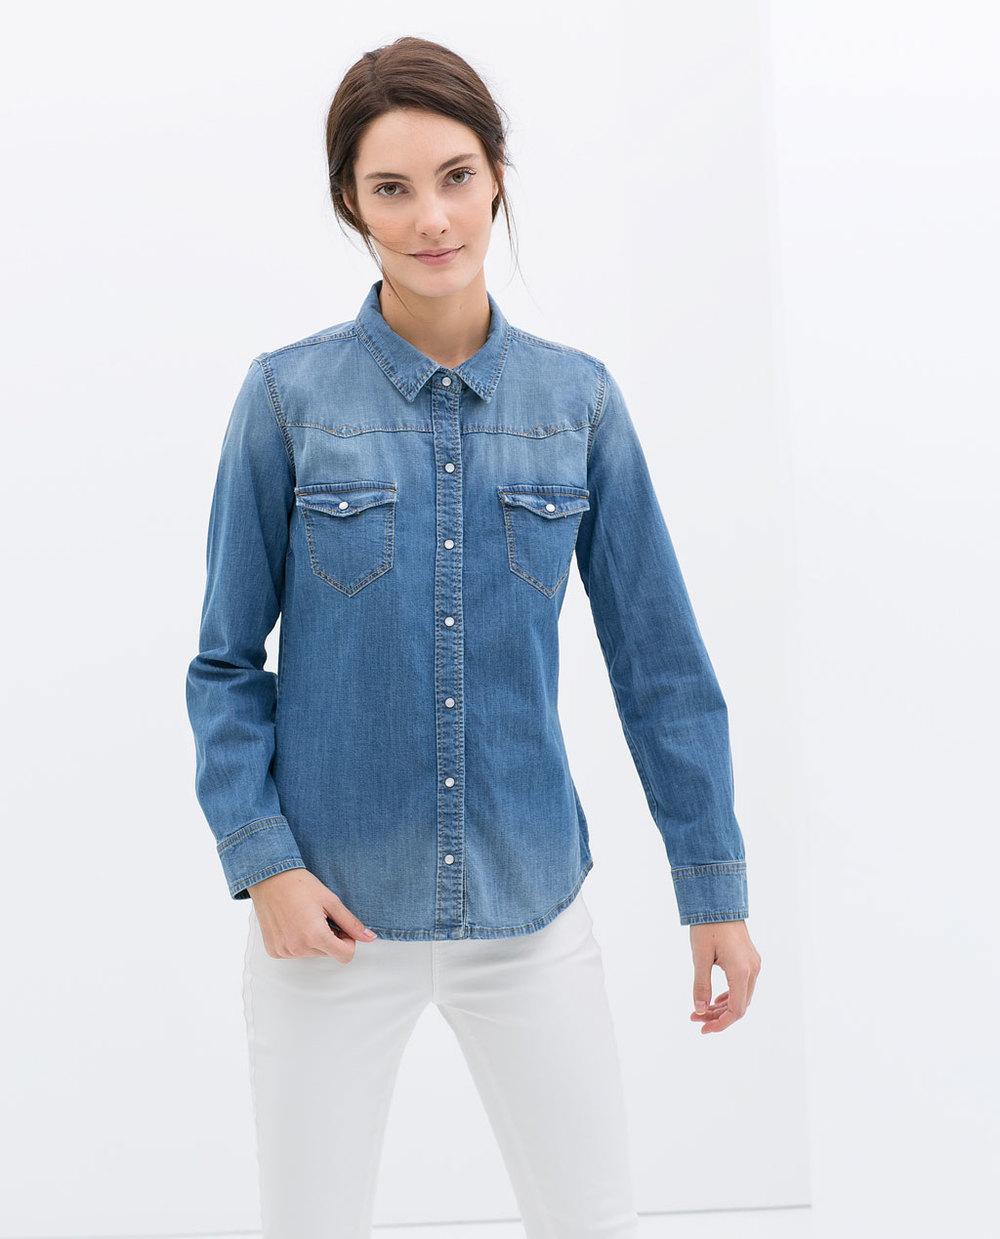 Basic Denim shirt. Zara. $59.90.